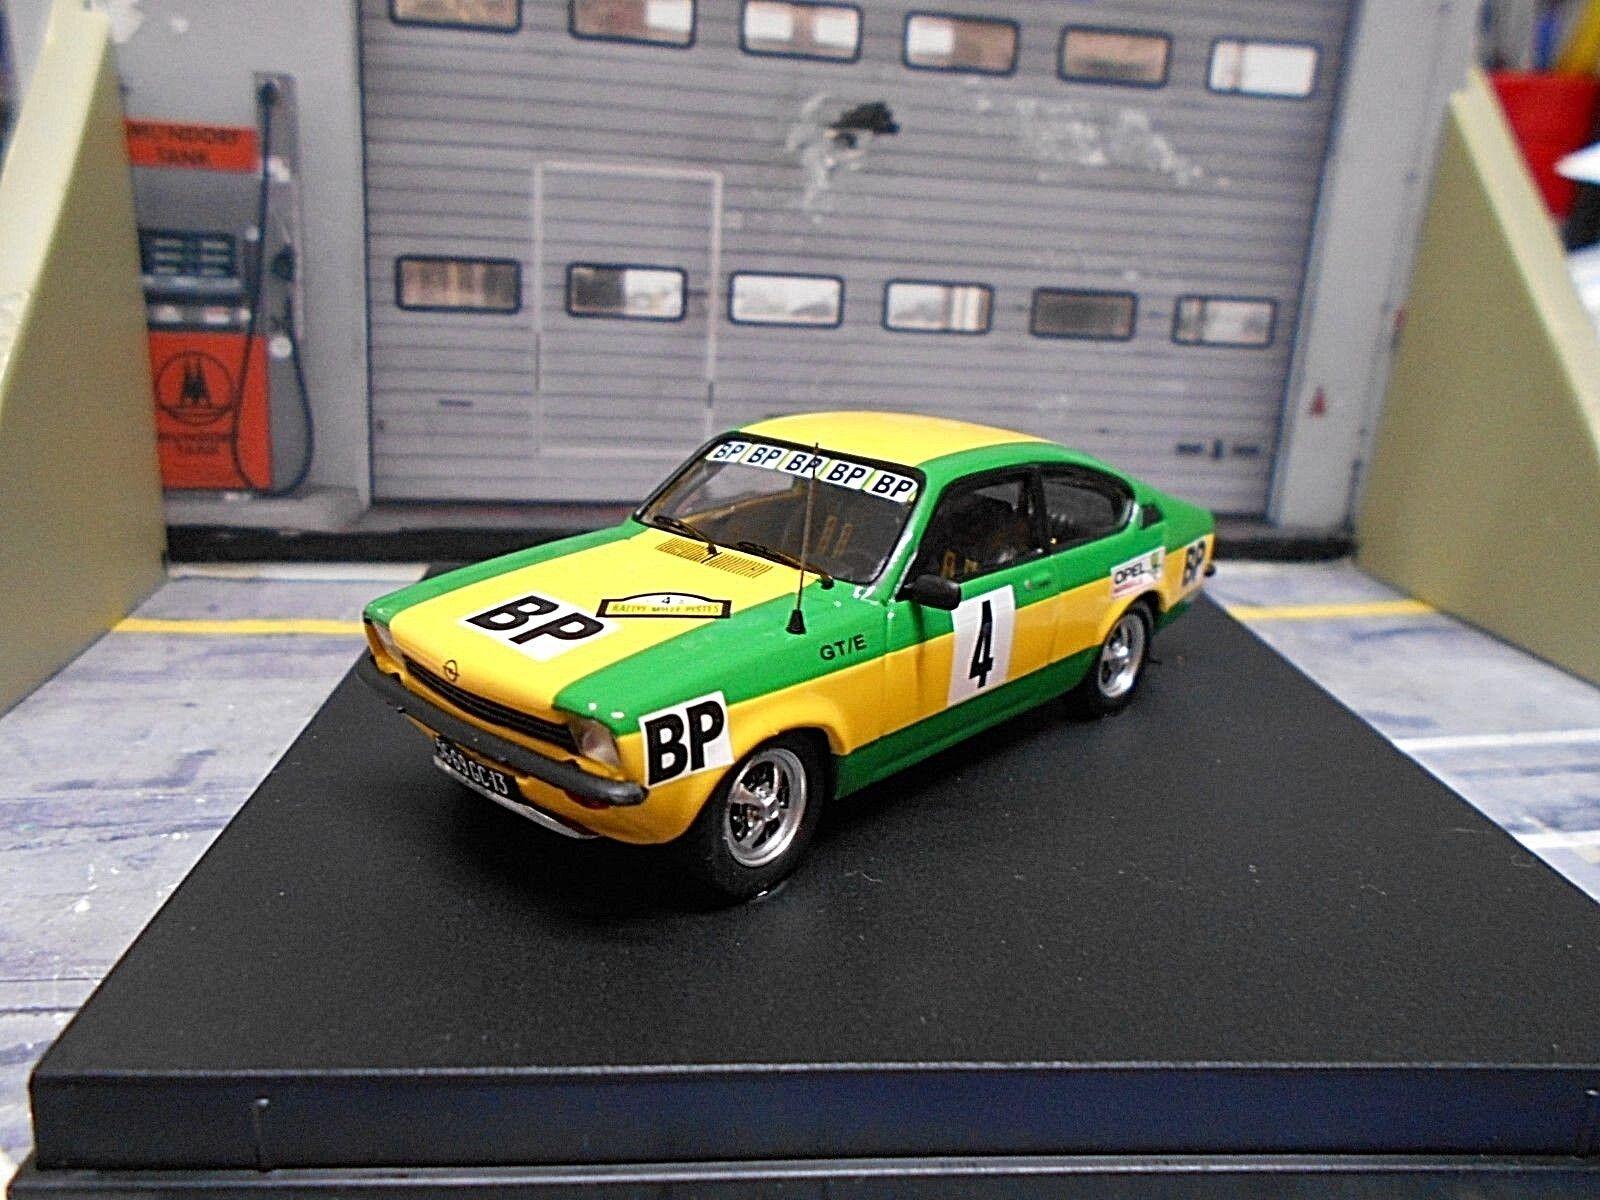 Opel Kadett C GT E coupé rallye mille pistes  4 Clarr 1976 winner Trofeu 1 43